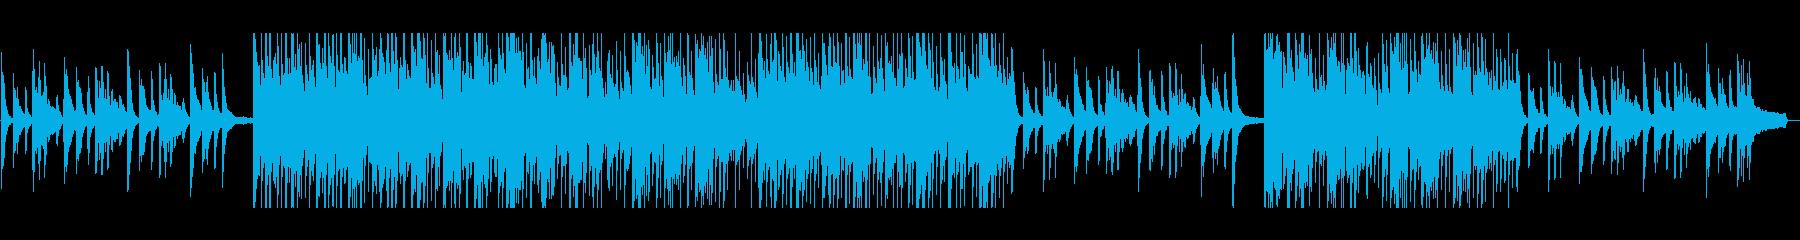 切ないメロディーが印象的なポップの再生済みの波形